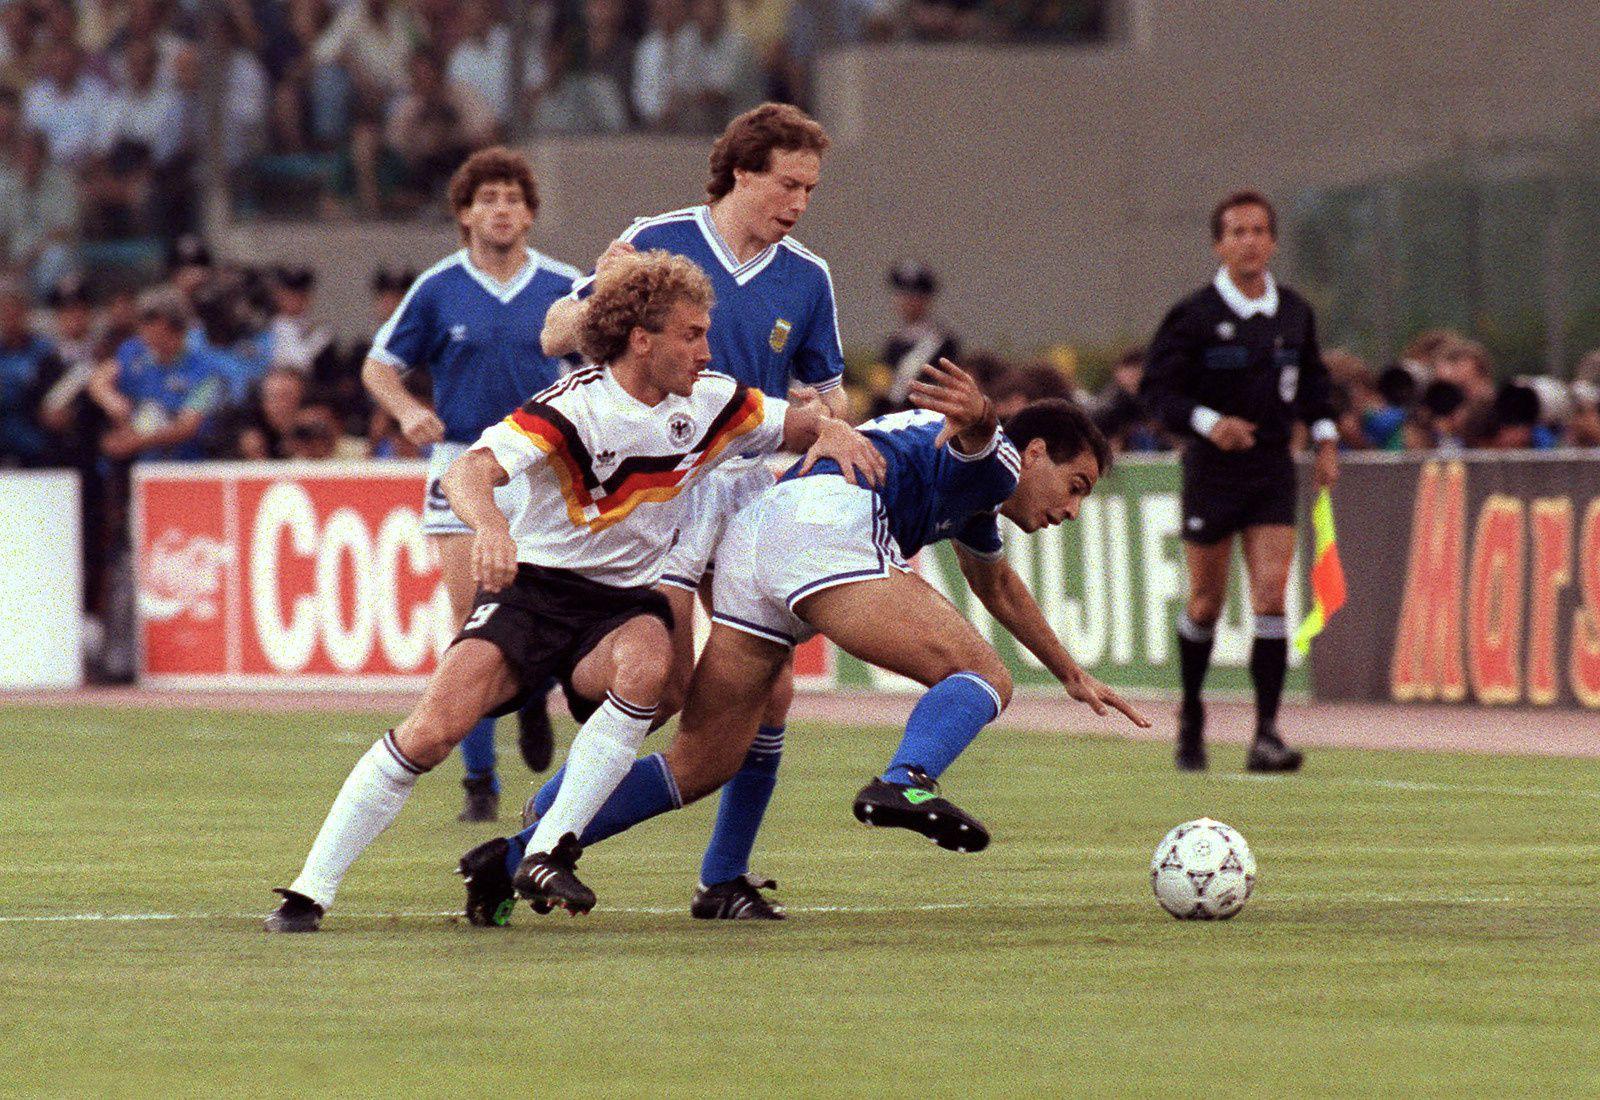 Coupe du Monde 2014... et à la fin, ce sont les allemands qui gagnent !